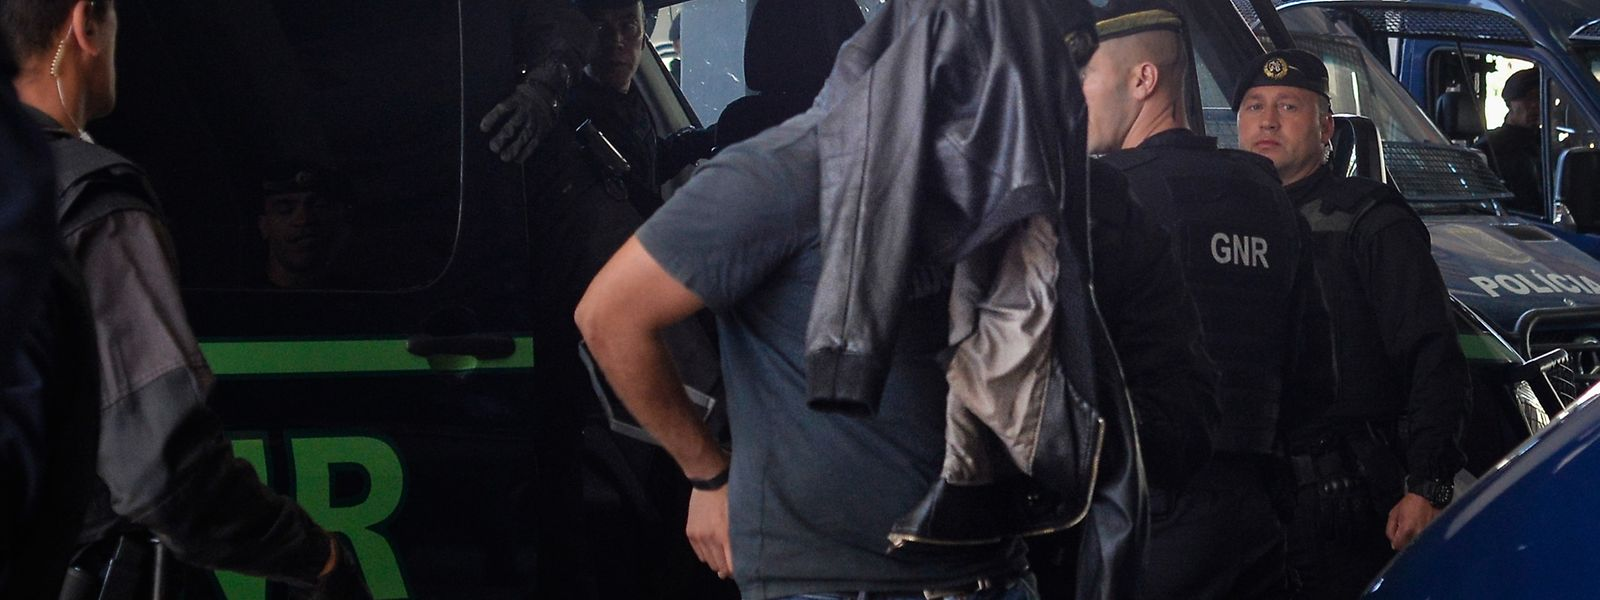 Um dos elementos detidos na terça-feira após os incidentes ocorridos na Academia de Alcochete, com agressões aos futebolistas do Sporting, à chegada ao Tribunal Criminal do Barreiro, onde começam hoje a ser ouvidos, no Barreiro, 16 de maio de 2018. Durante a tarde de terça-feira, cerca de 50 indivíduos, de cara tapada, alegadamente adeptos 'leoninos', invadiram a Academia de Alcochete e, depois de terem percorrido os relvados, chegaram ao balneário da equipa principal de futebol, agredindo vários jogadores, entre os quais Bas Dost, Acuña, Rui Patrício, William Carvalho, Battaglia e Misic e membros da equipa técnica. RUI MINDERICO/LUSA